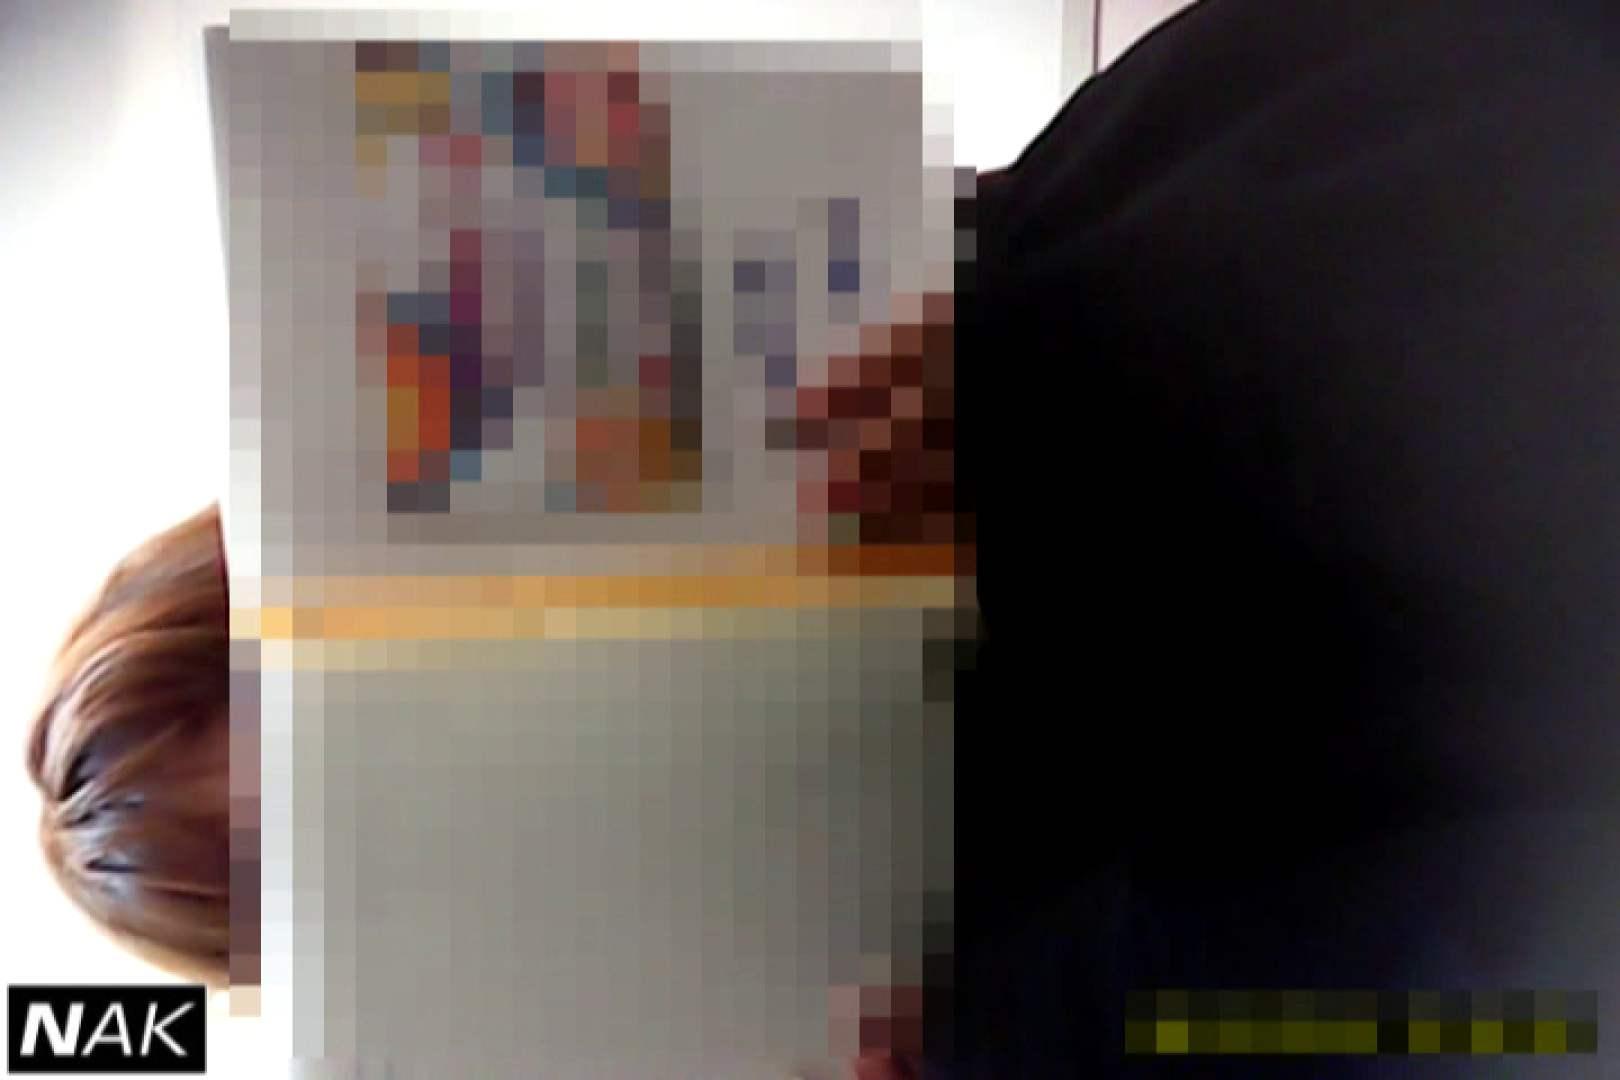 超高画質5000K!脅威の1点集中かわや! vol.02 無修正マンコ オマンコ動画キャプチャ 22連発 22